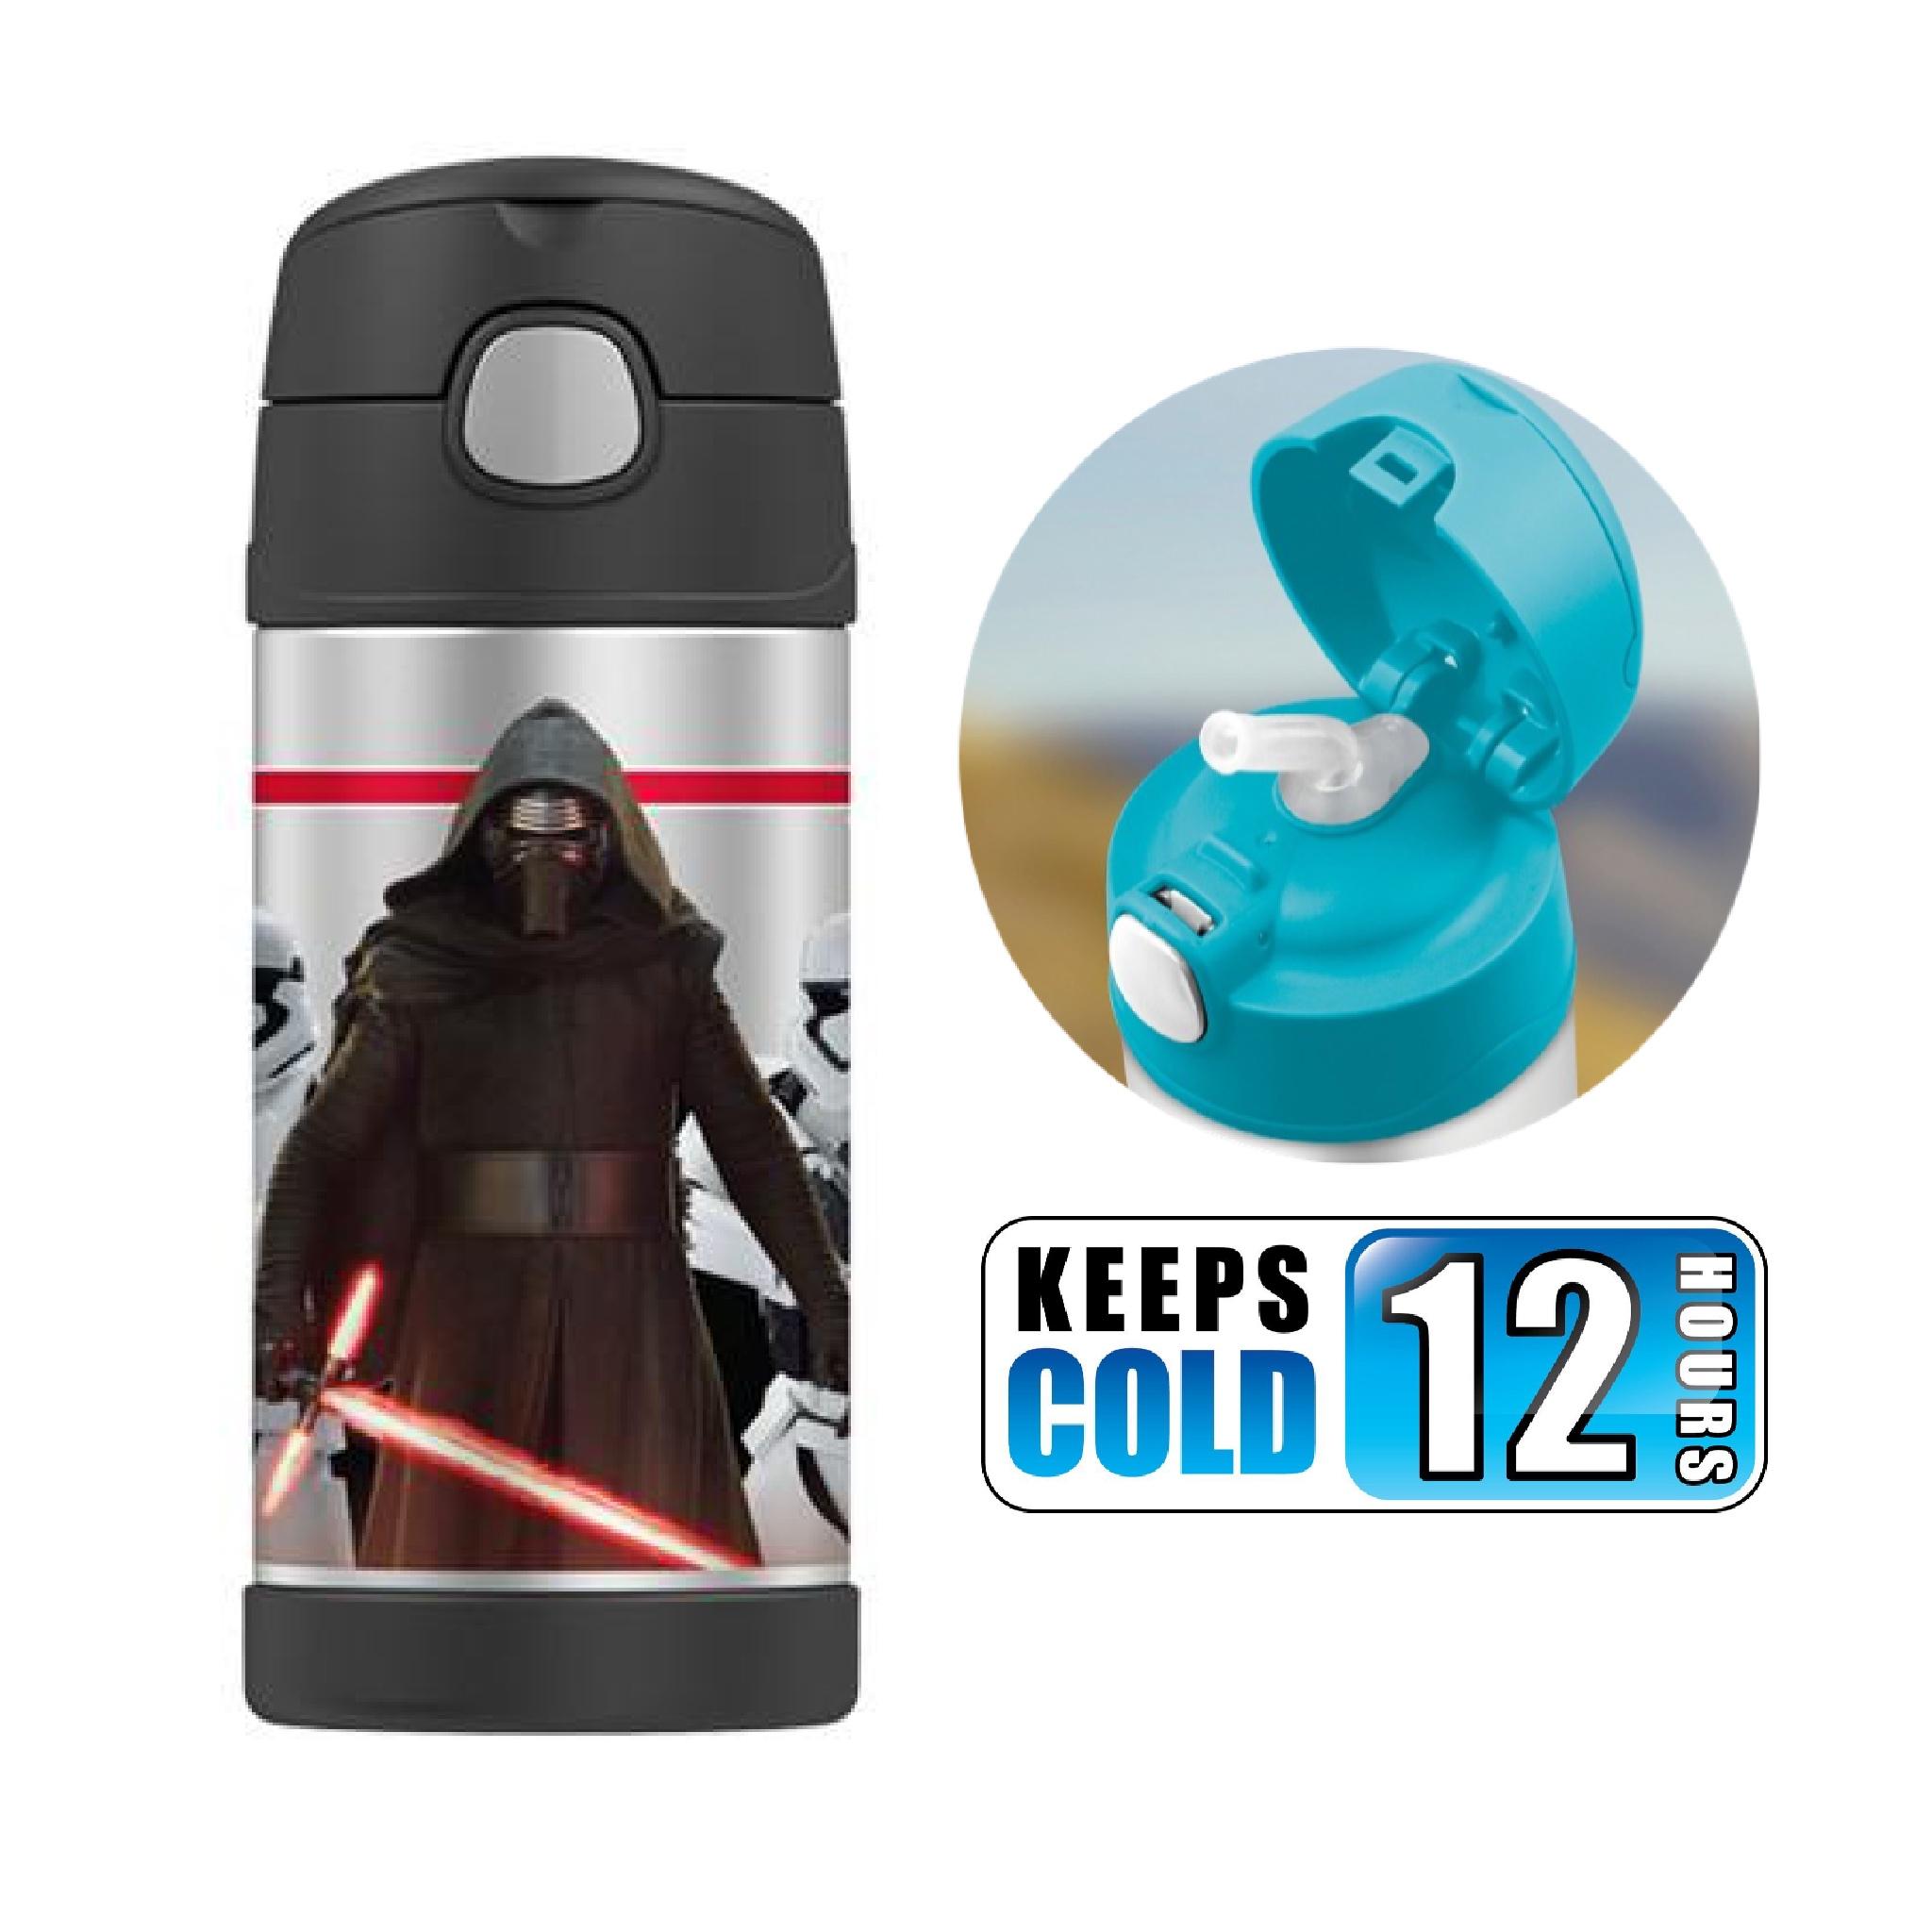 กระติกน้ำสเตนเลสรักษาอุณหภูมิ Thermos FUNtainer Vacuum Insulated Stainless Steel Bottle 12OZ (Star Wars Episode VII Kylo Ren)